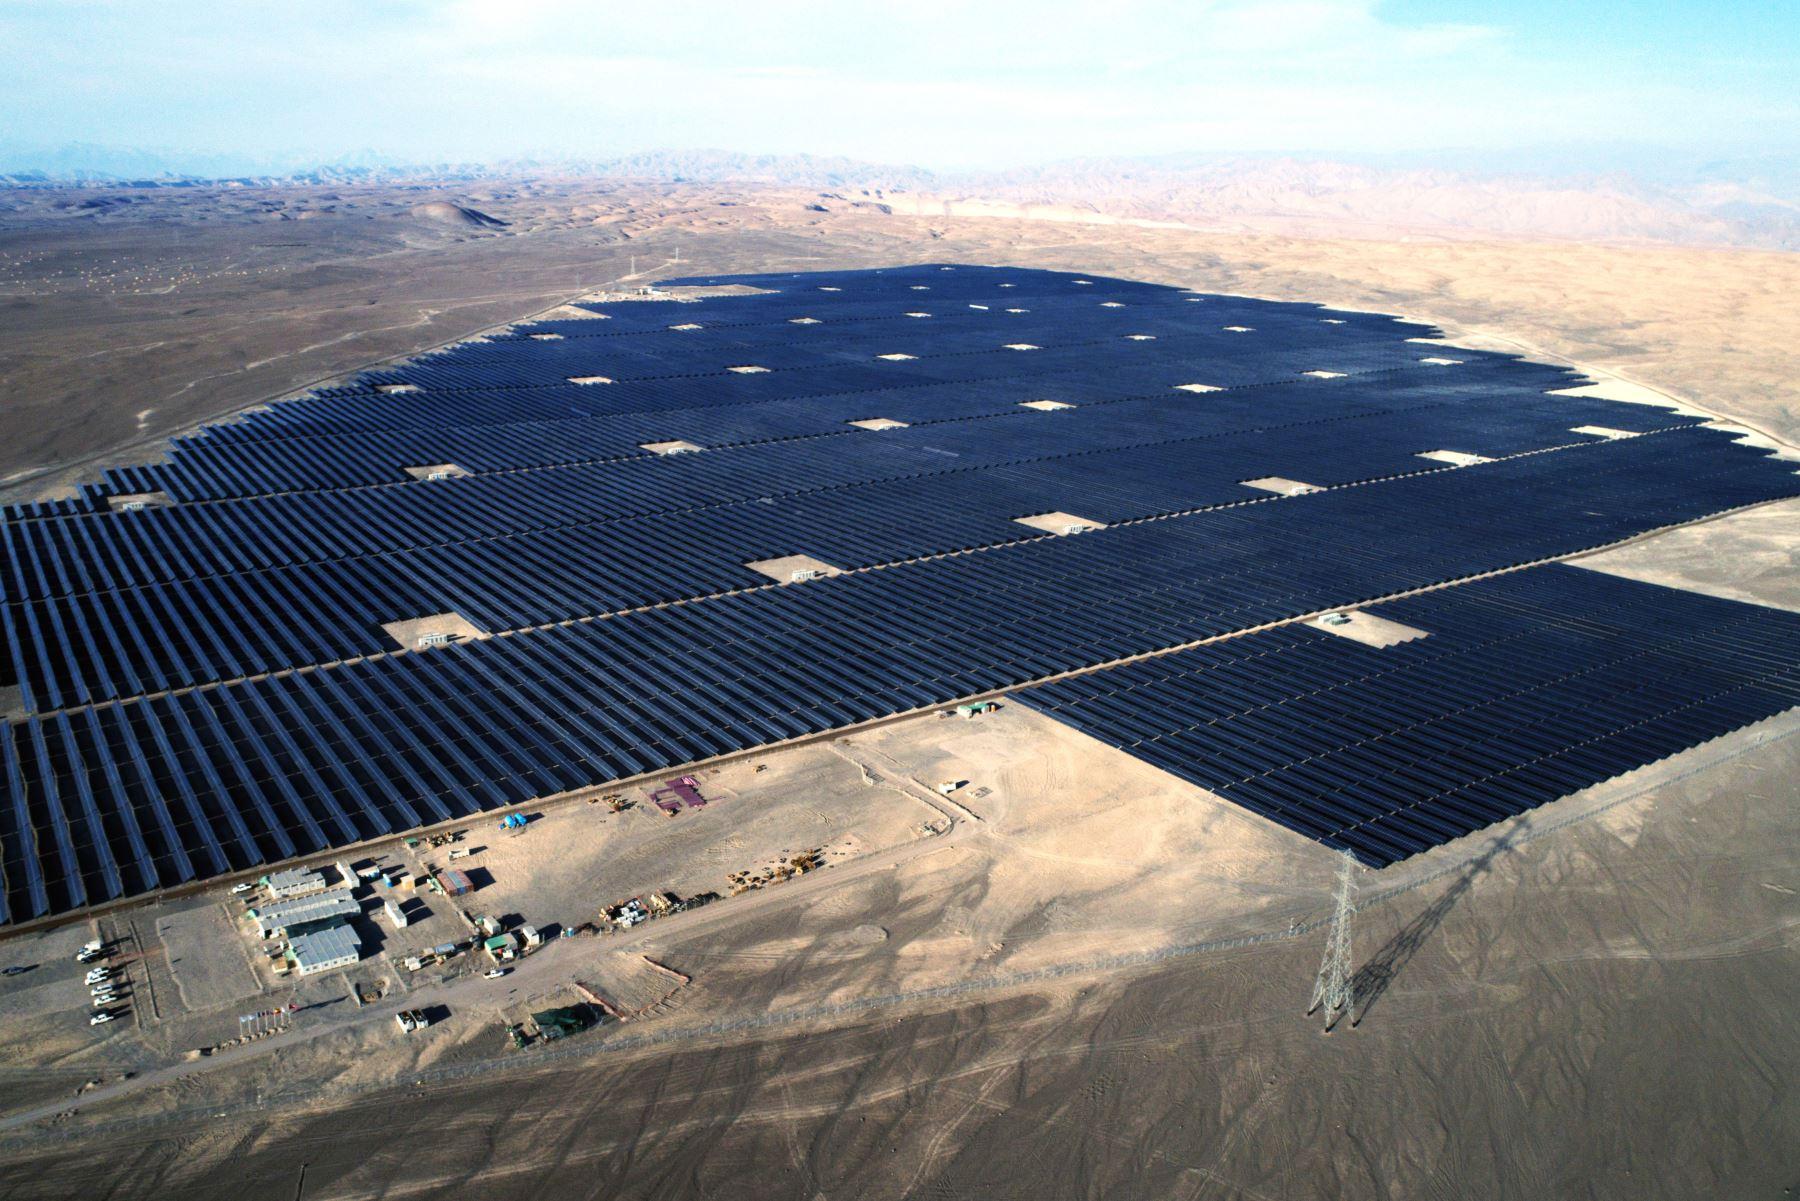 En Moquegua entrará en funcionamiento la planta solar más grande del Perú, destaca Osinergmin. ANDINA/Difusión